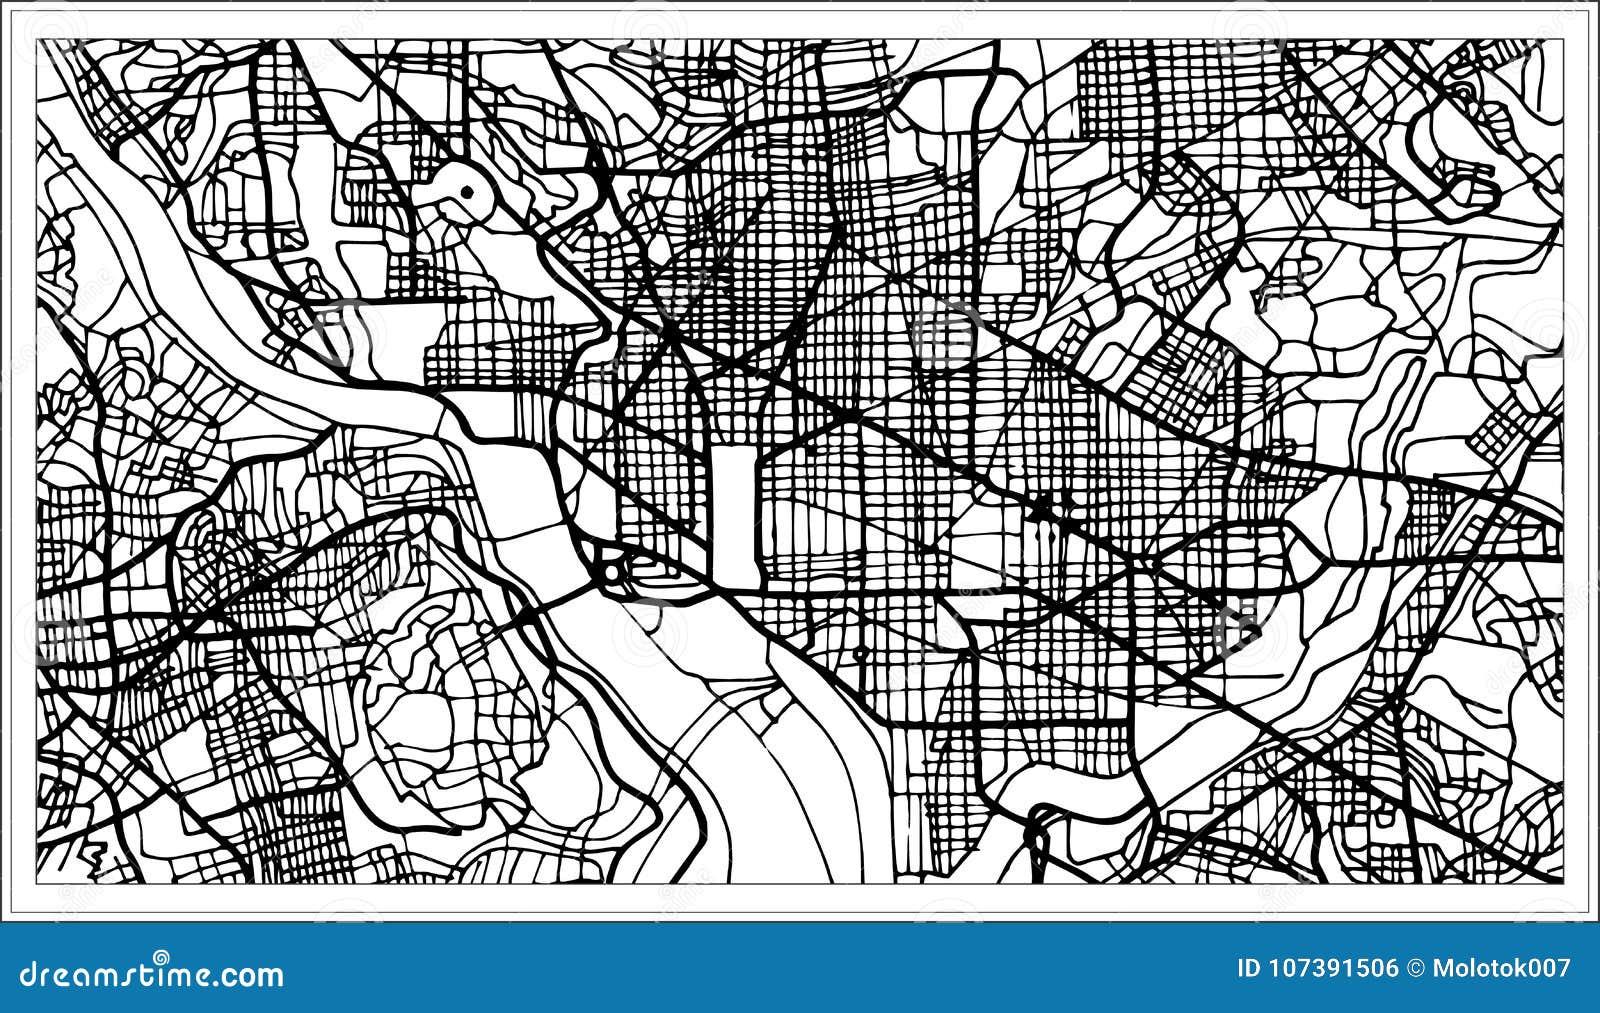 Amerika Karte Schwarz Weiß.Washington Dc Usa Karte In Der Schwarzweiss Farbe Vektor Abbildung